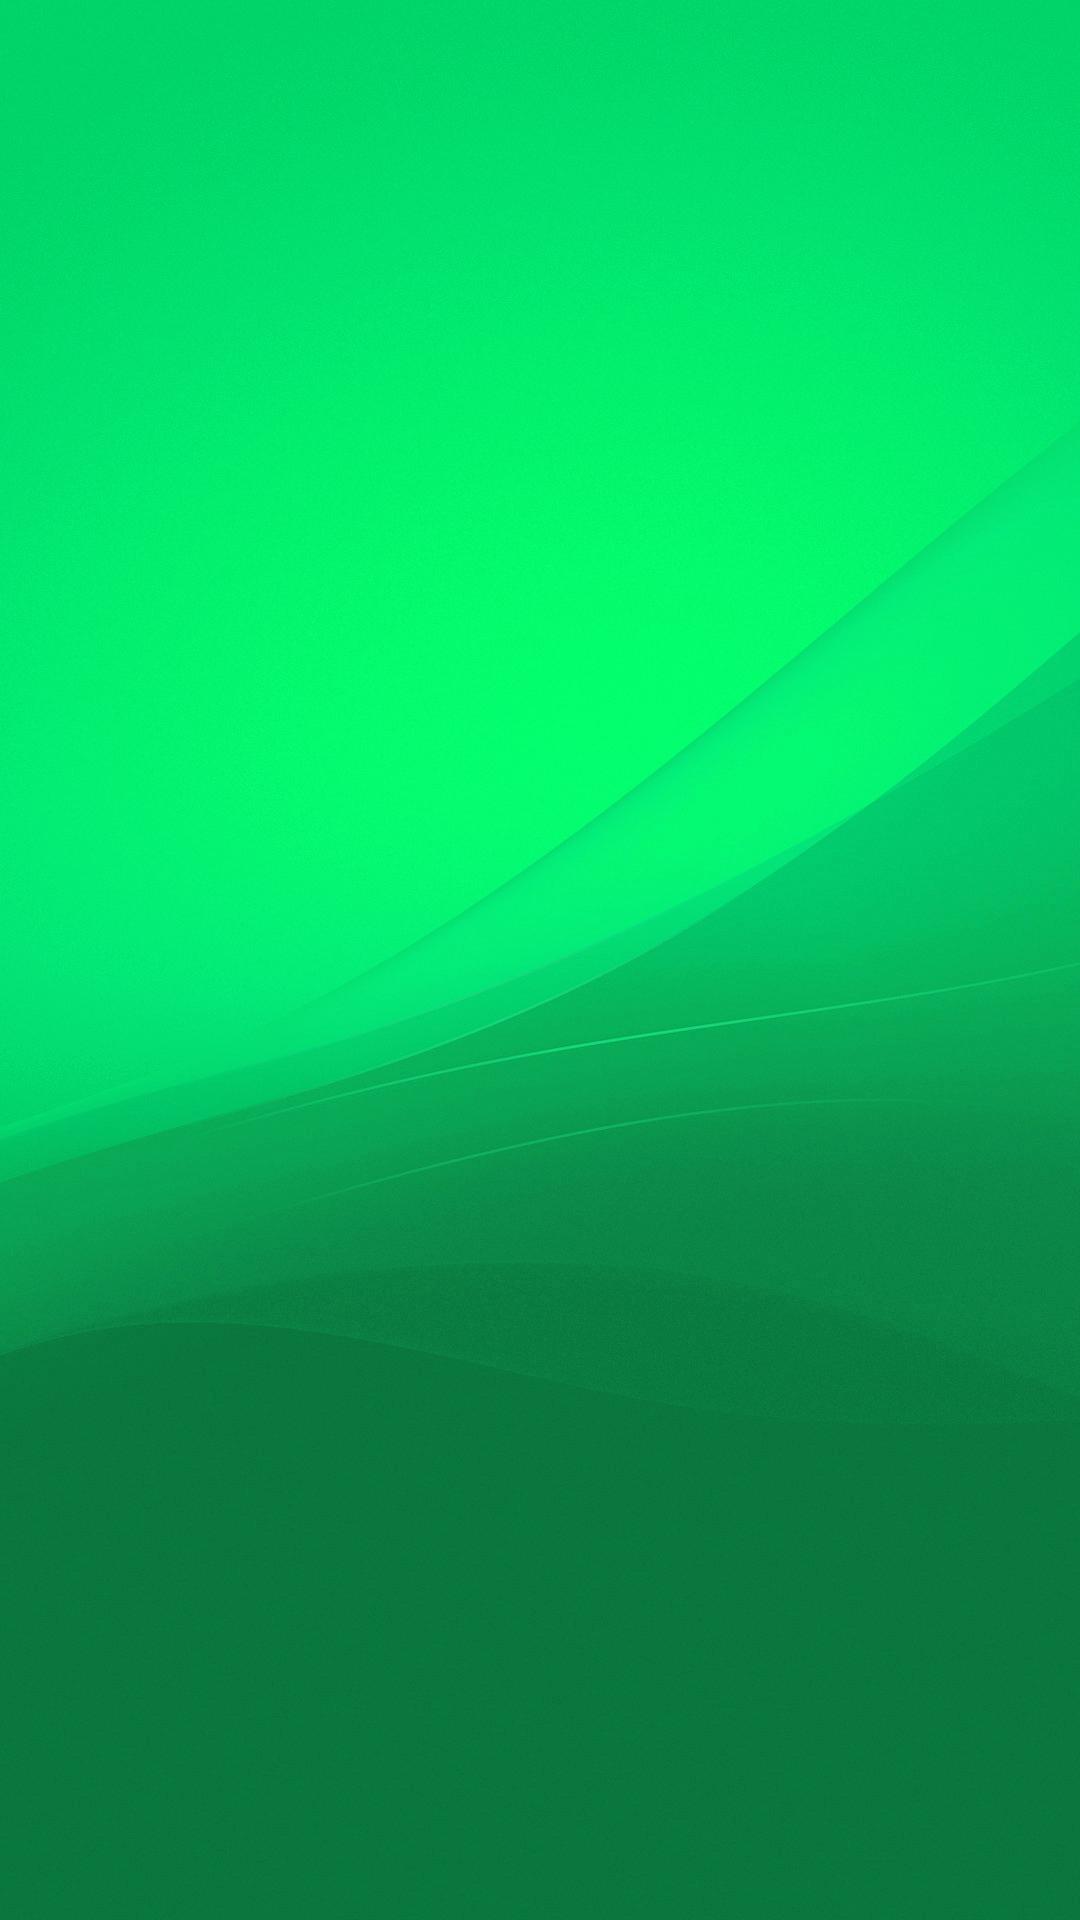 Xperia Lollipop Green Wallpaper — Gizmo Bolt - Exposing ...